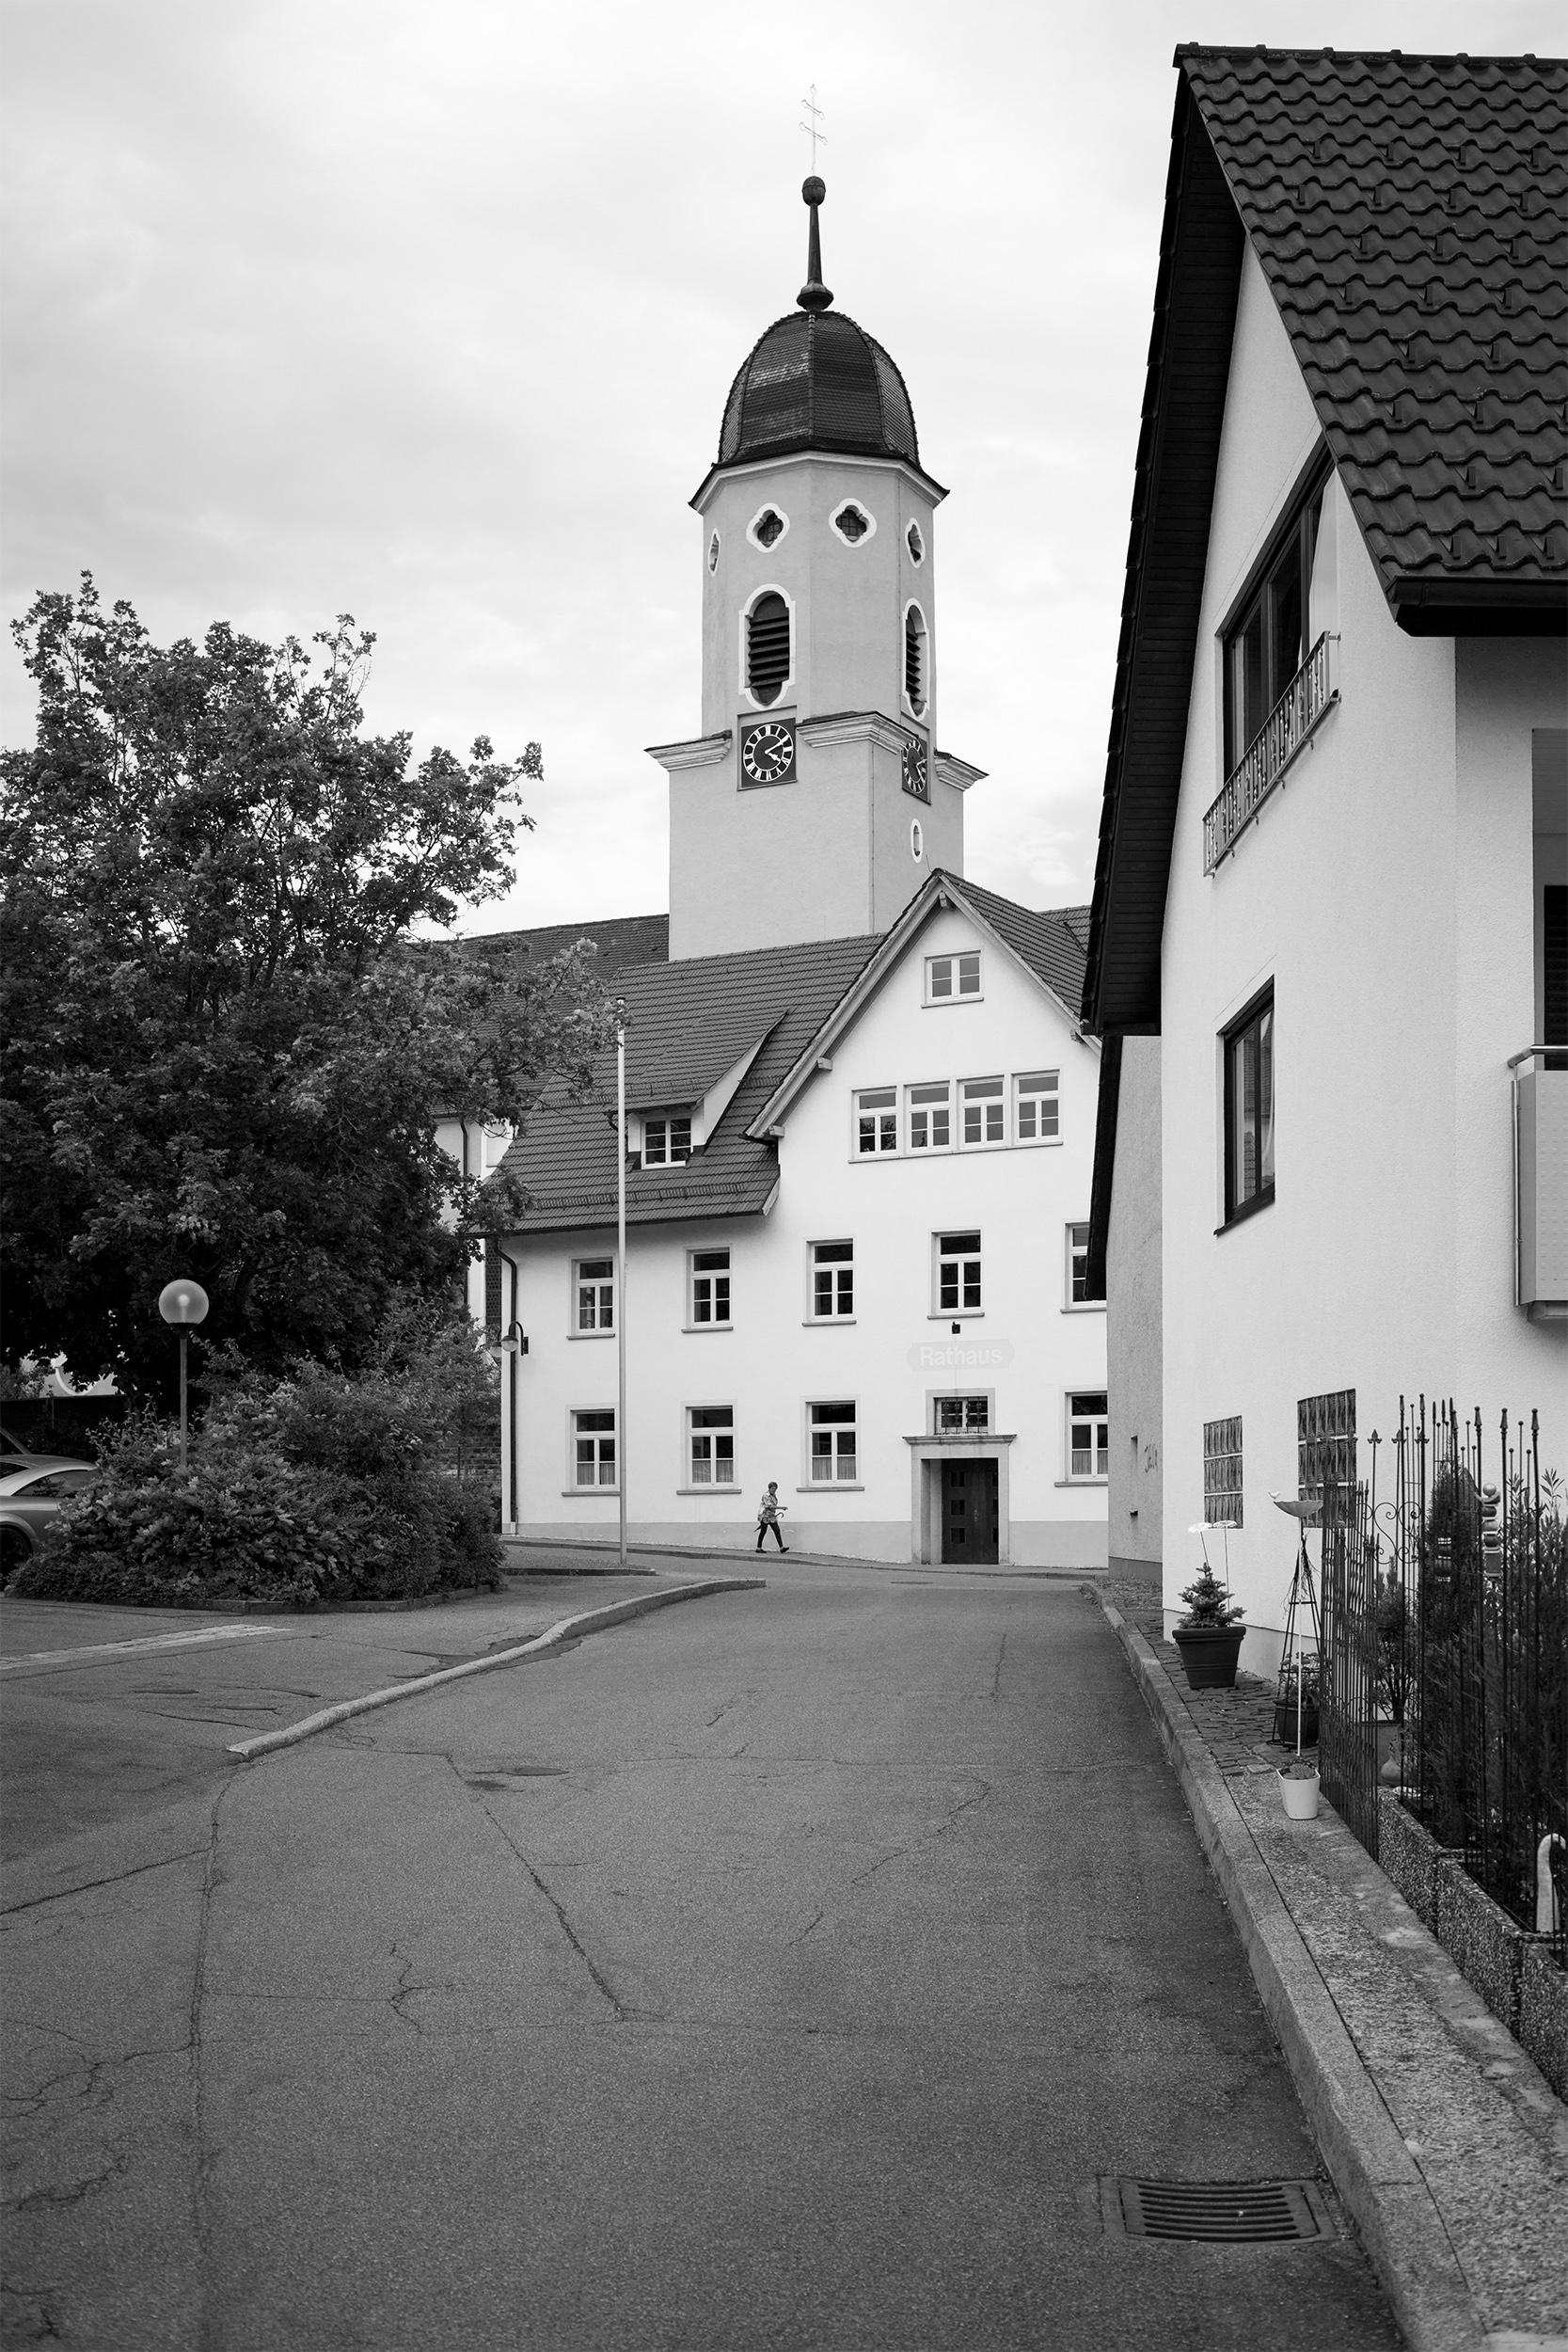 Blick auf das Rathaus in Engstingen.